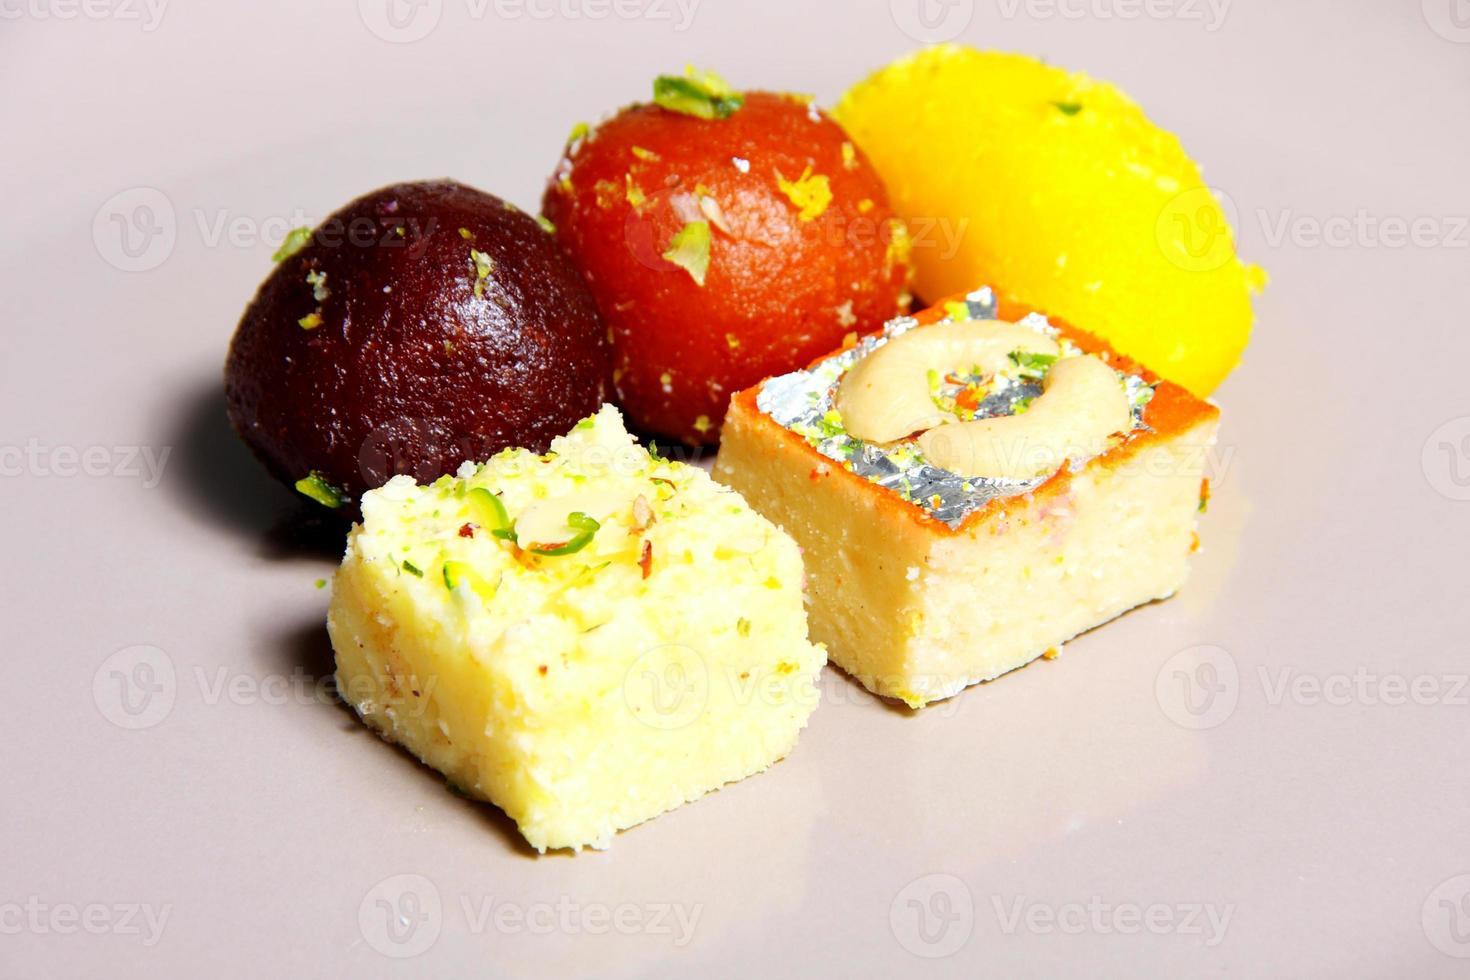 dessert indien photo